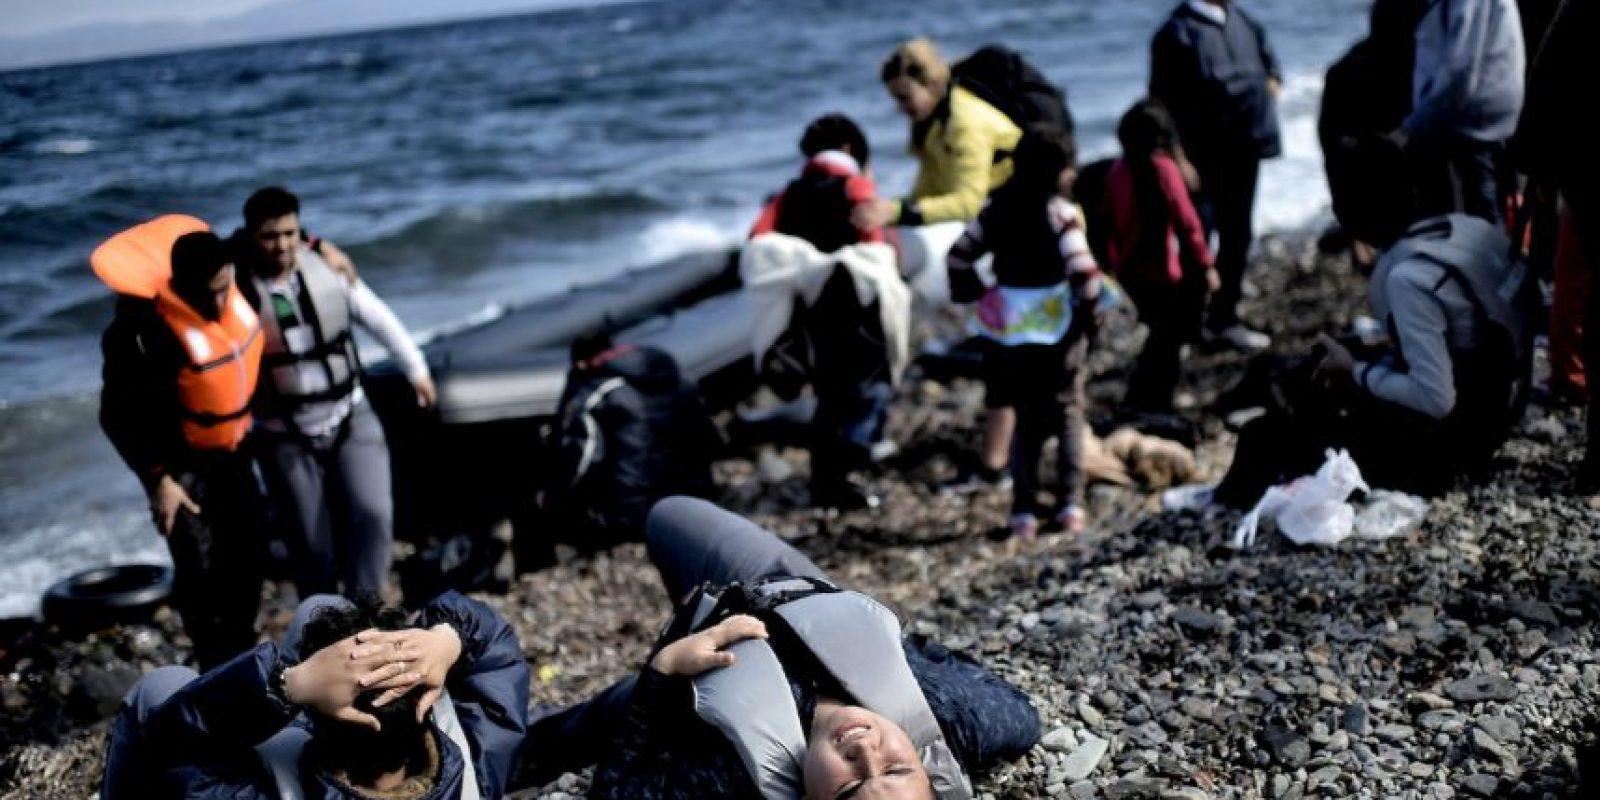 Muchas han arriesgado su vida en el mar para huir de la guerra en sus países. Foto:AFP